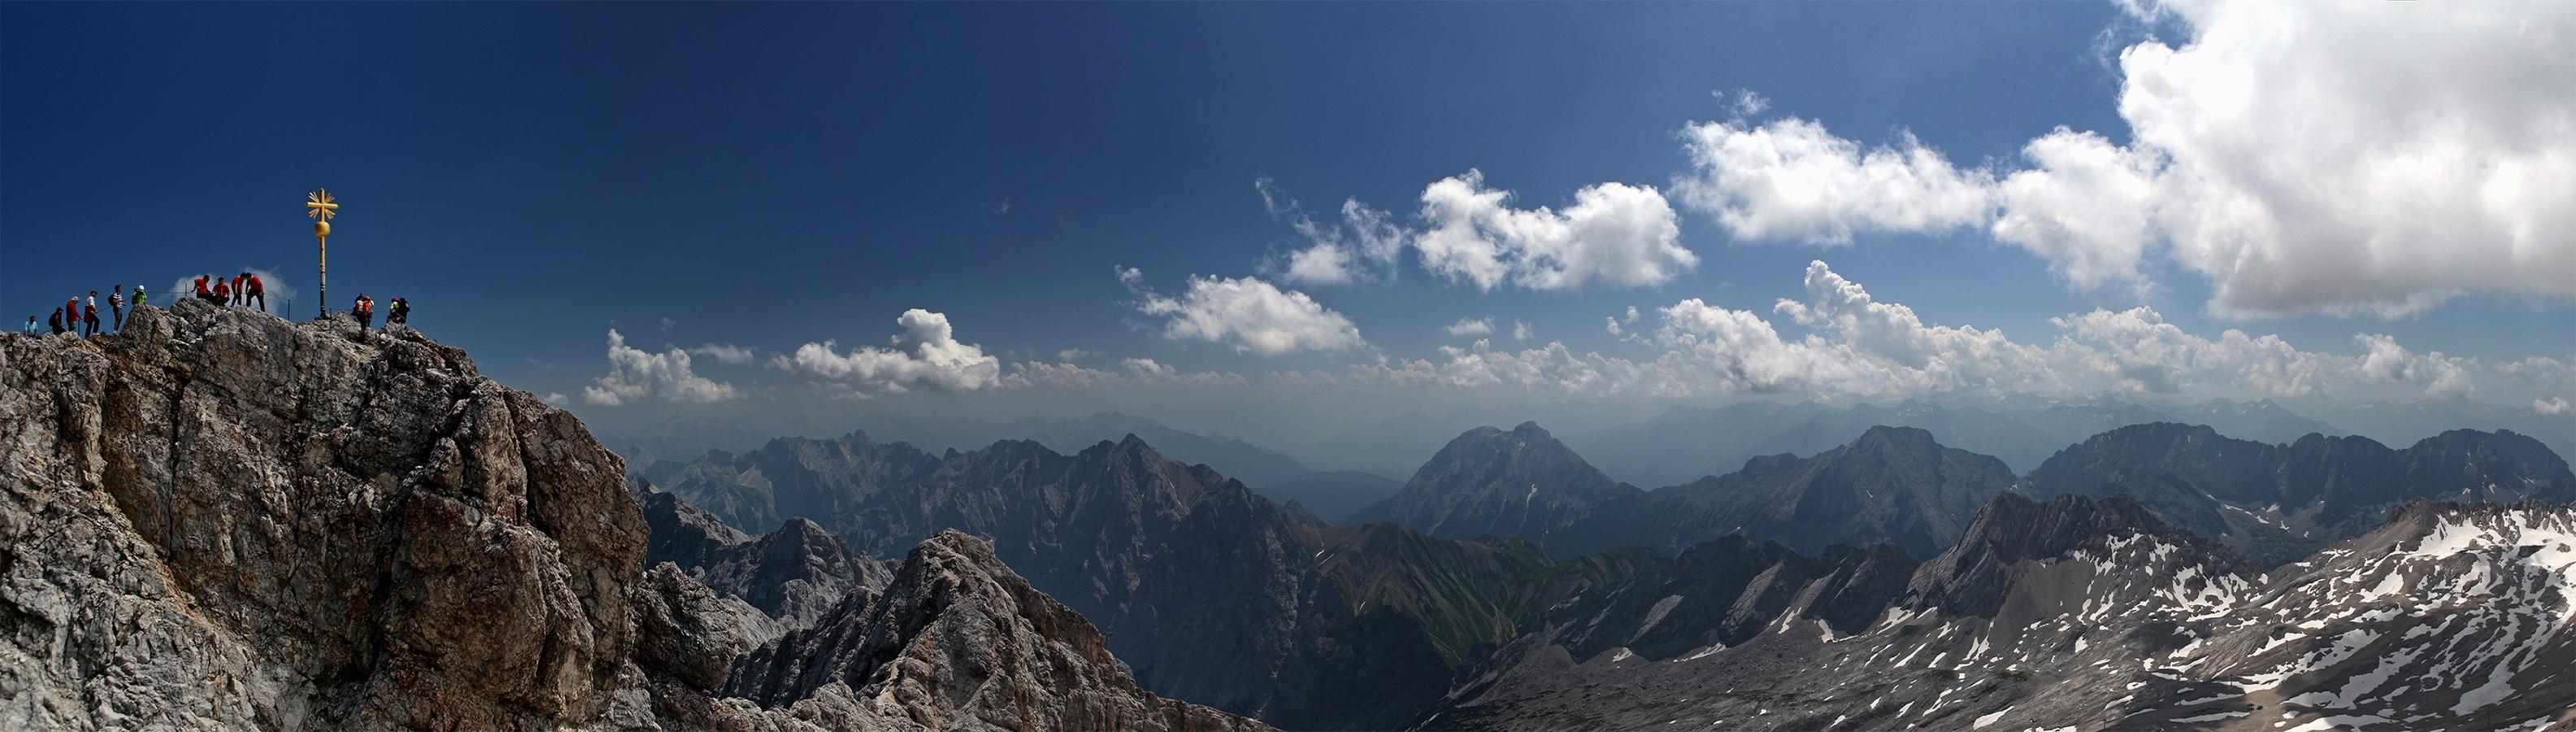 Panorama<br>Ein wenig karg vielleicht - aber knapp 3000 Meter Höhe lassen sehr reizvolle Ausblicke zu